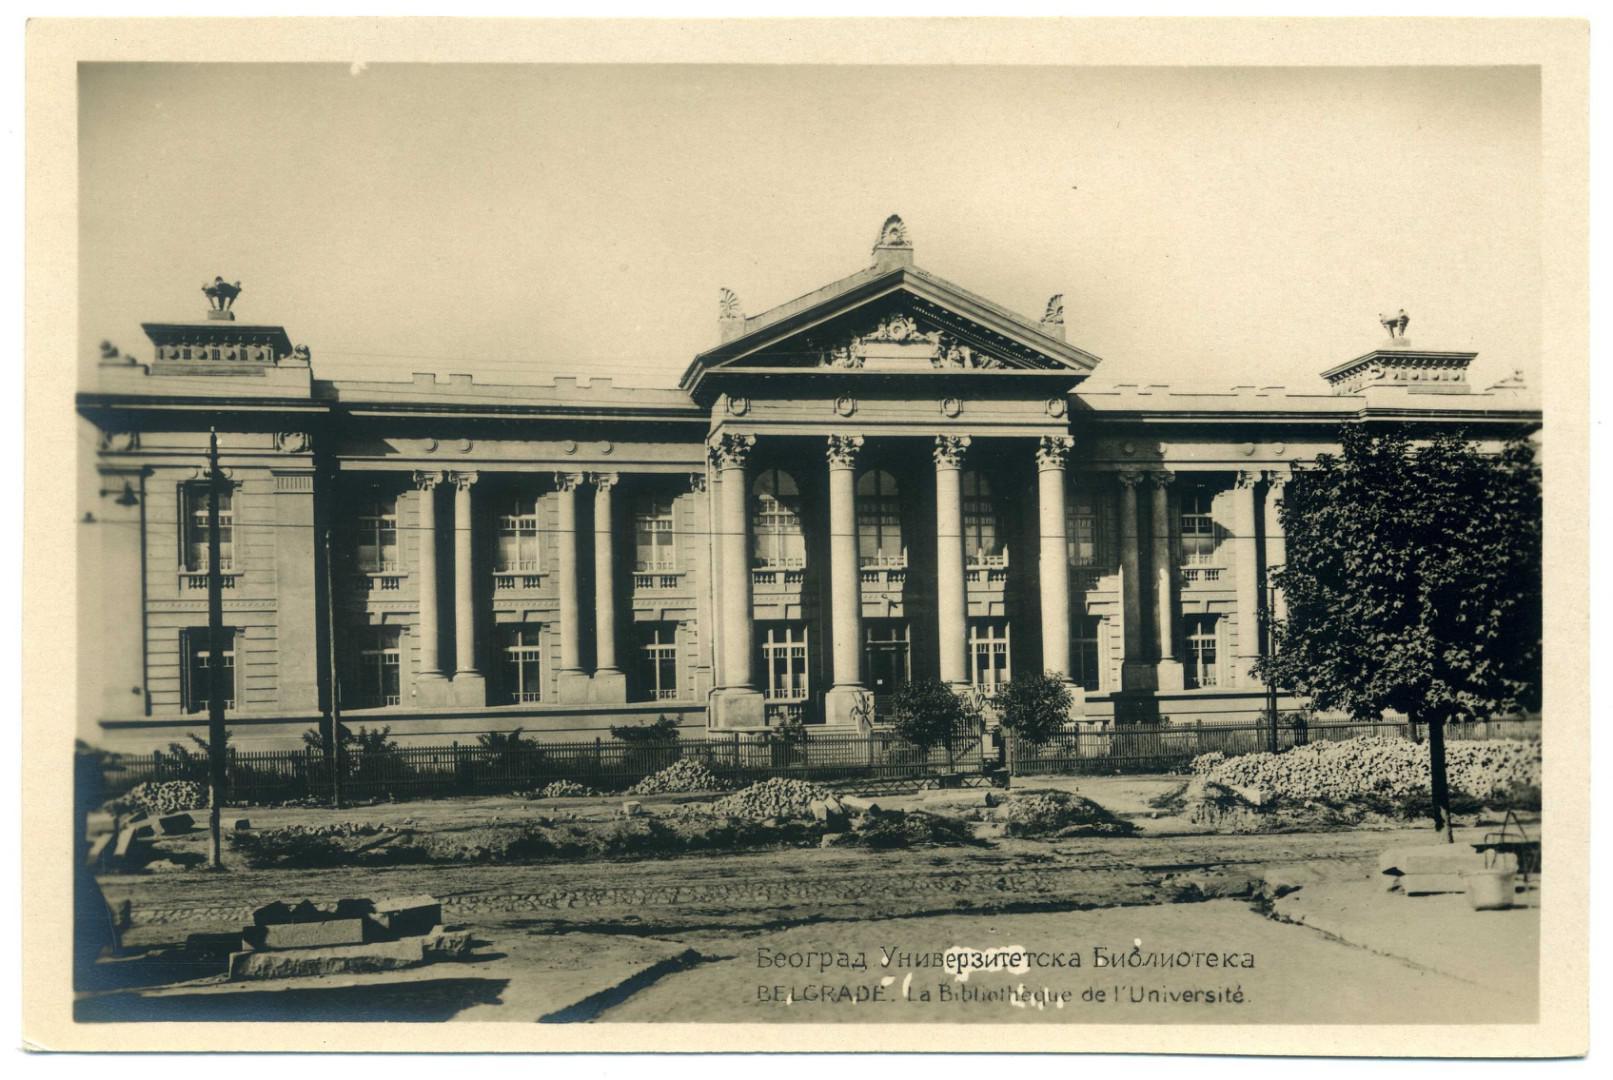 Belgrad: Universitätsbibliothek